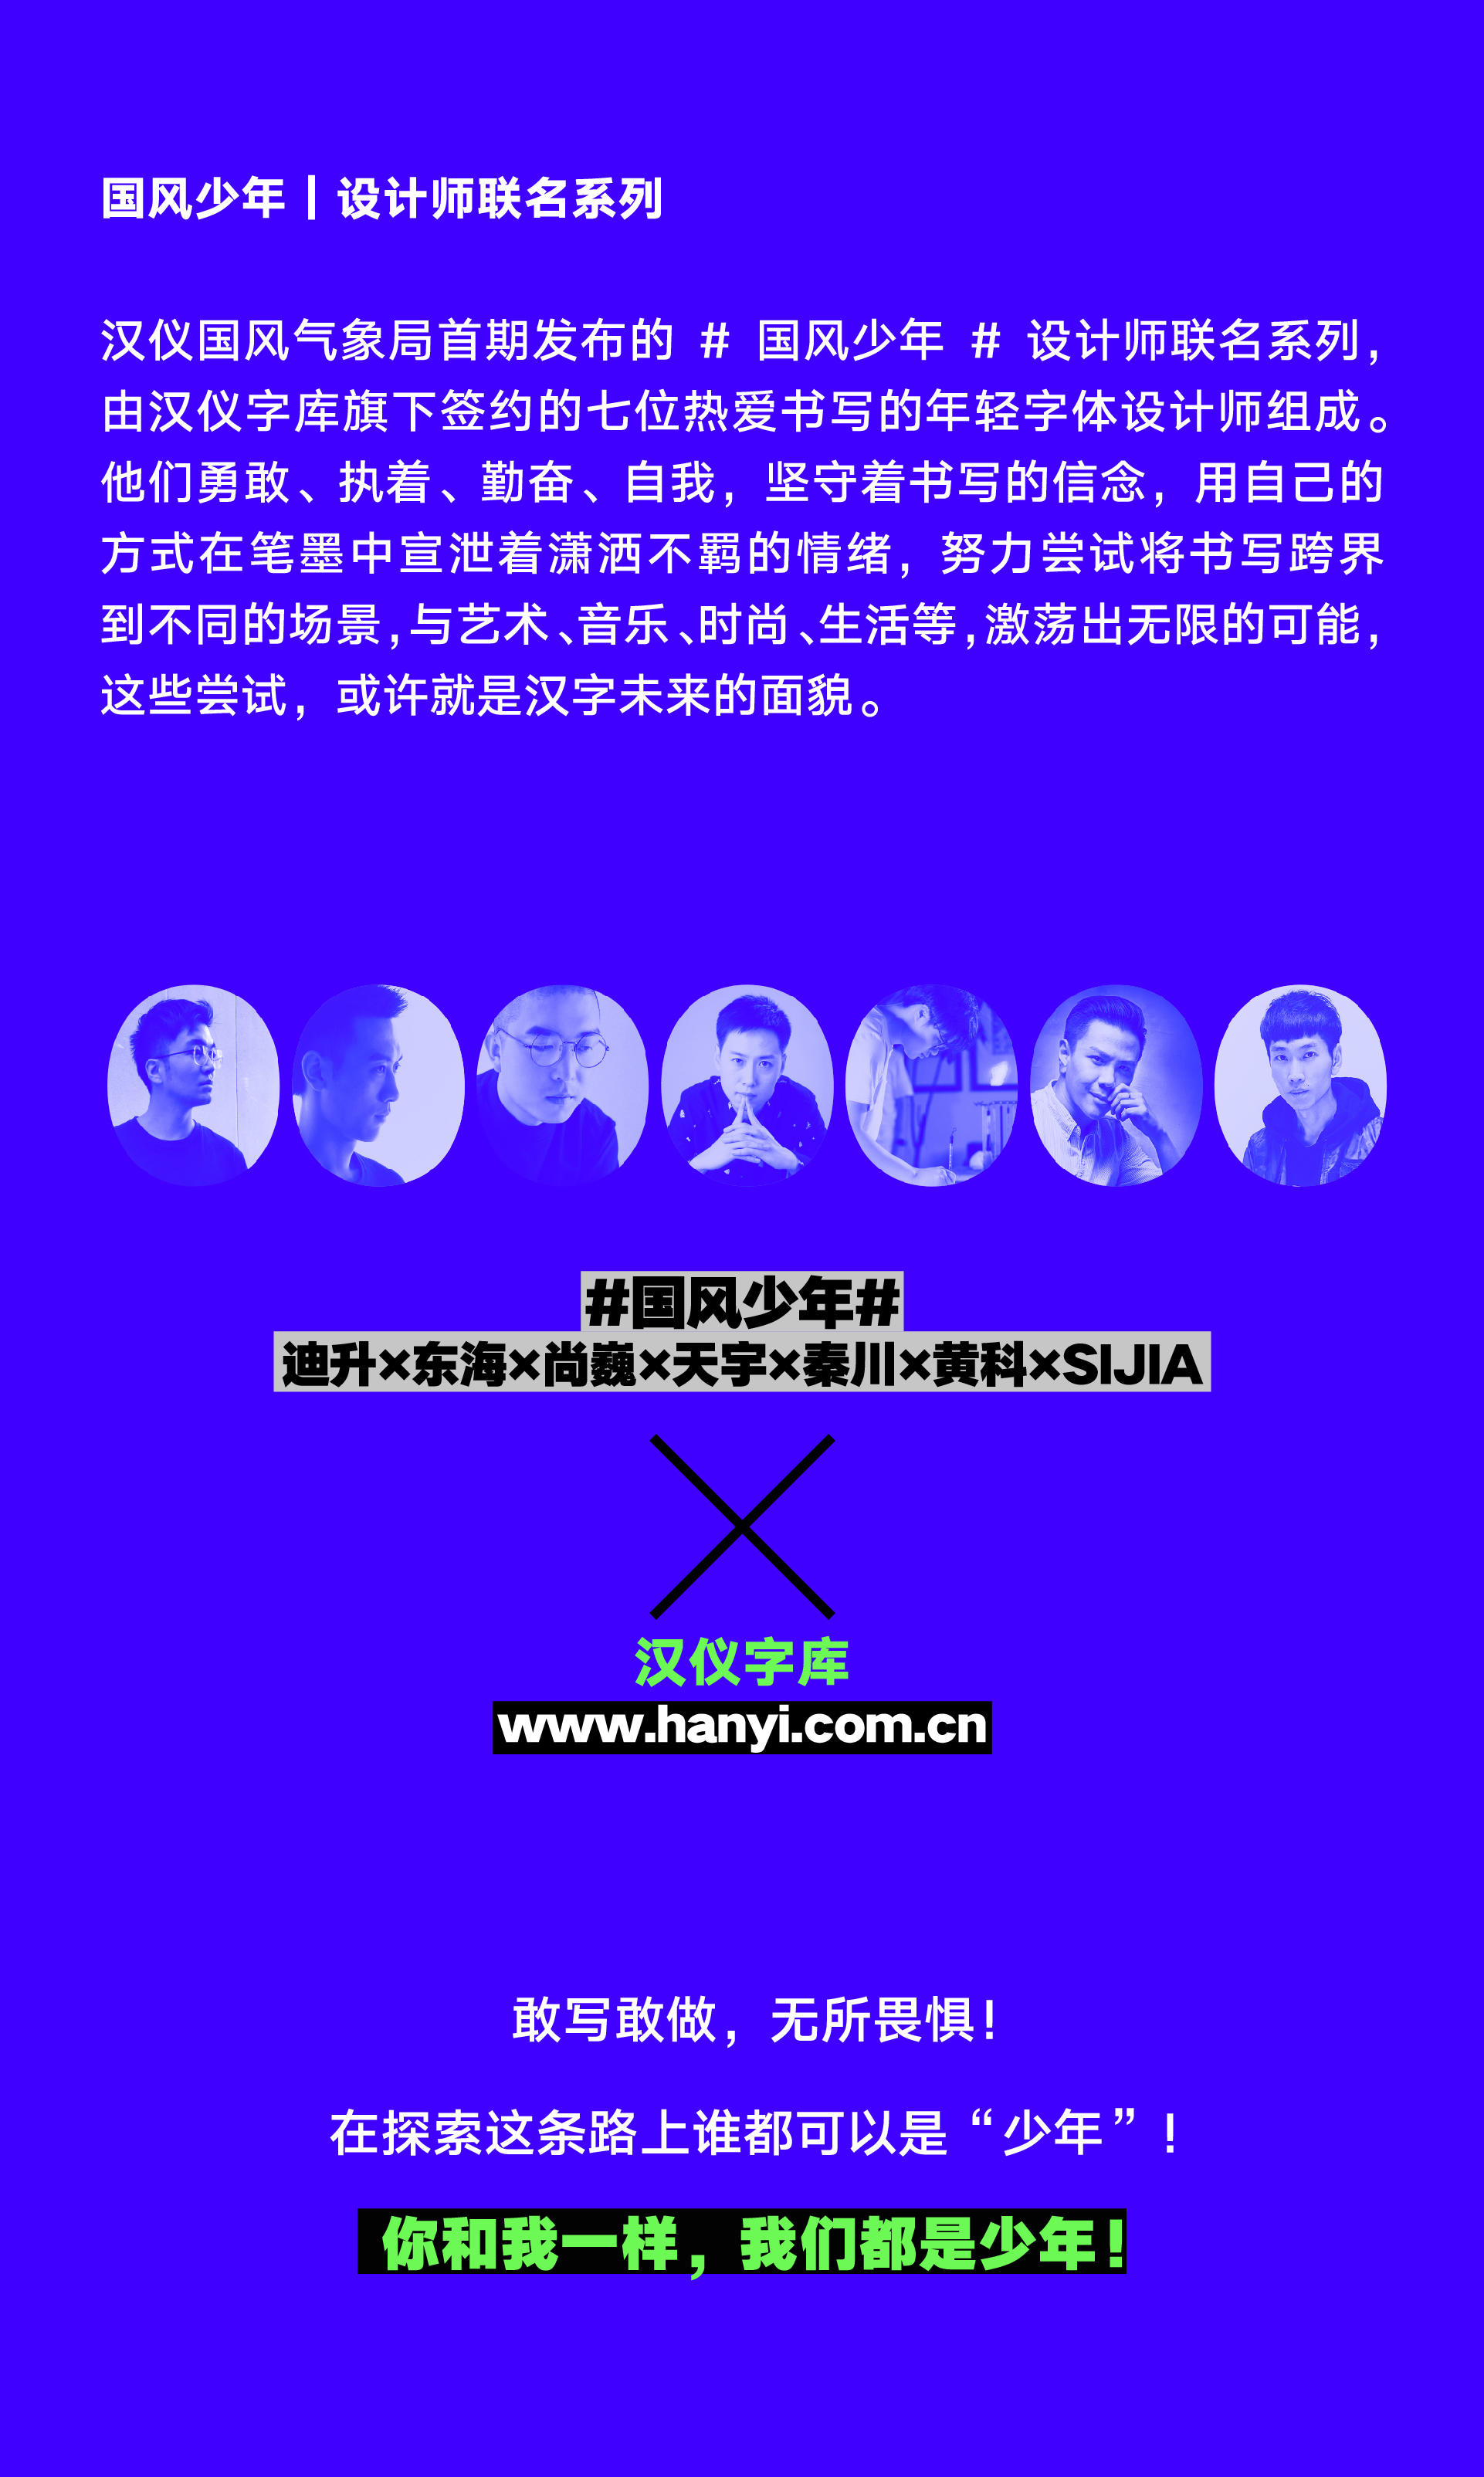 产品页面-09.jpg